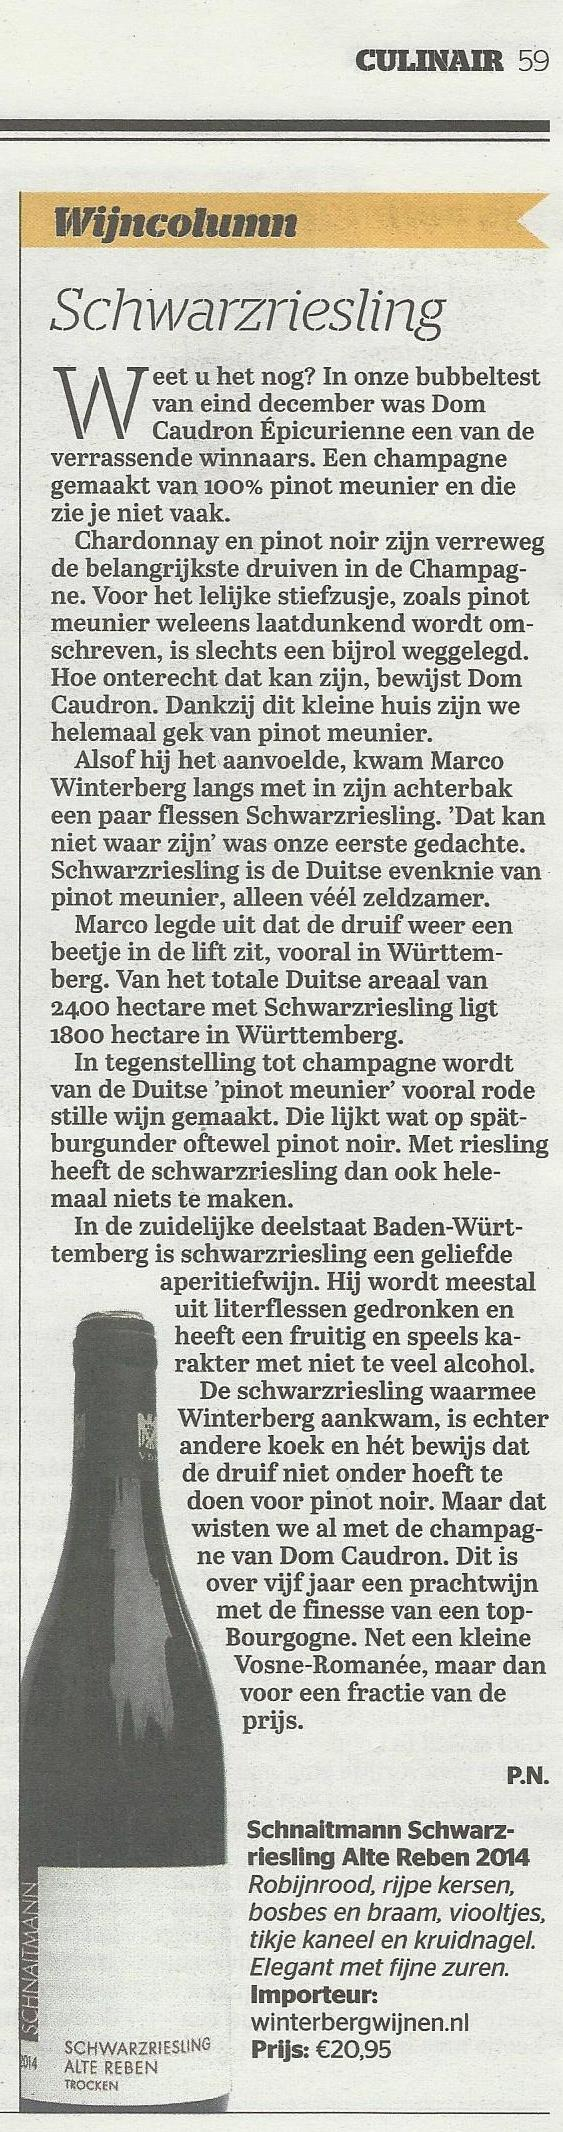 Schwarzriesling Telegraaf 18-02-2017